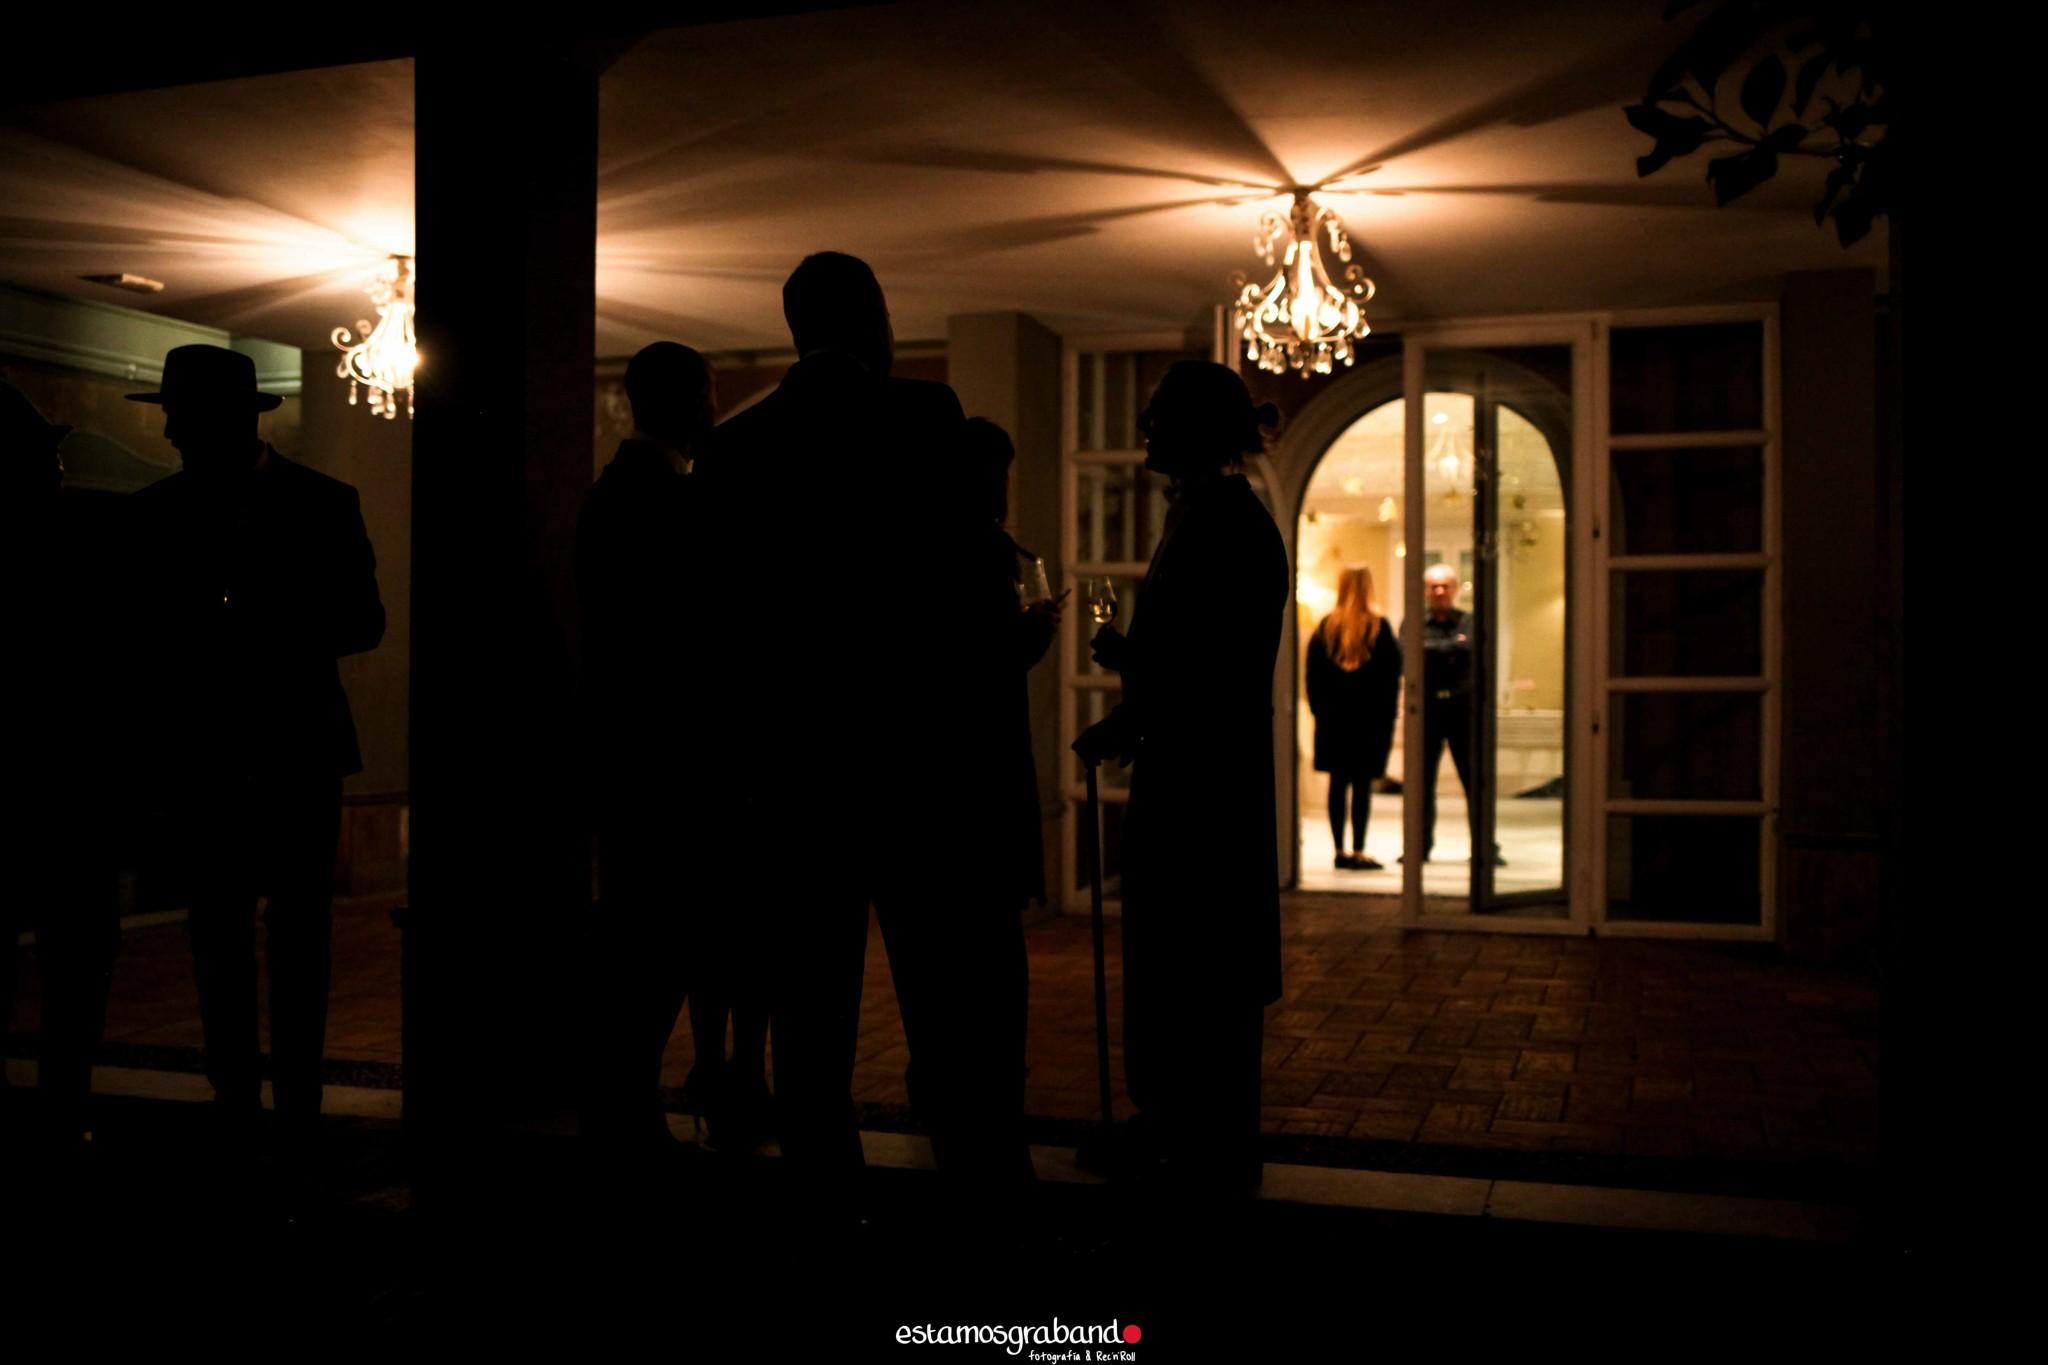 Fali-Bea-43-de-78 Fiesta Años 20 [La Teta de Julieta, Cádiz] - video boda cadiz